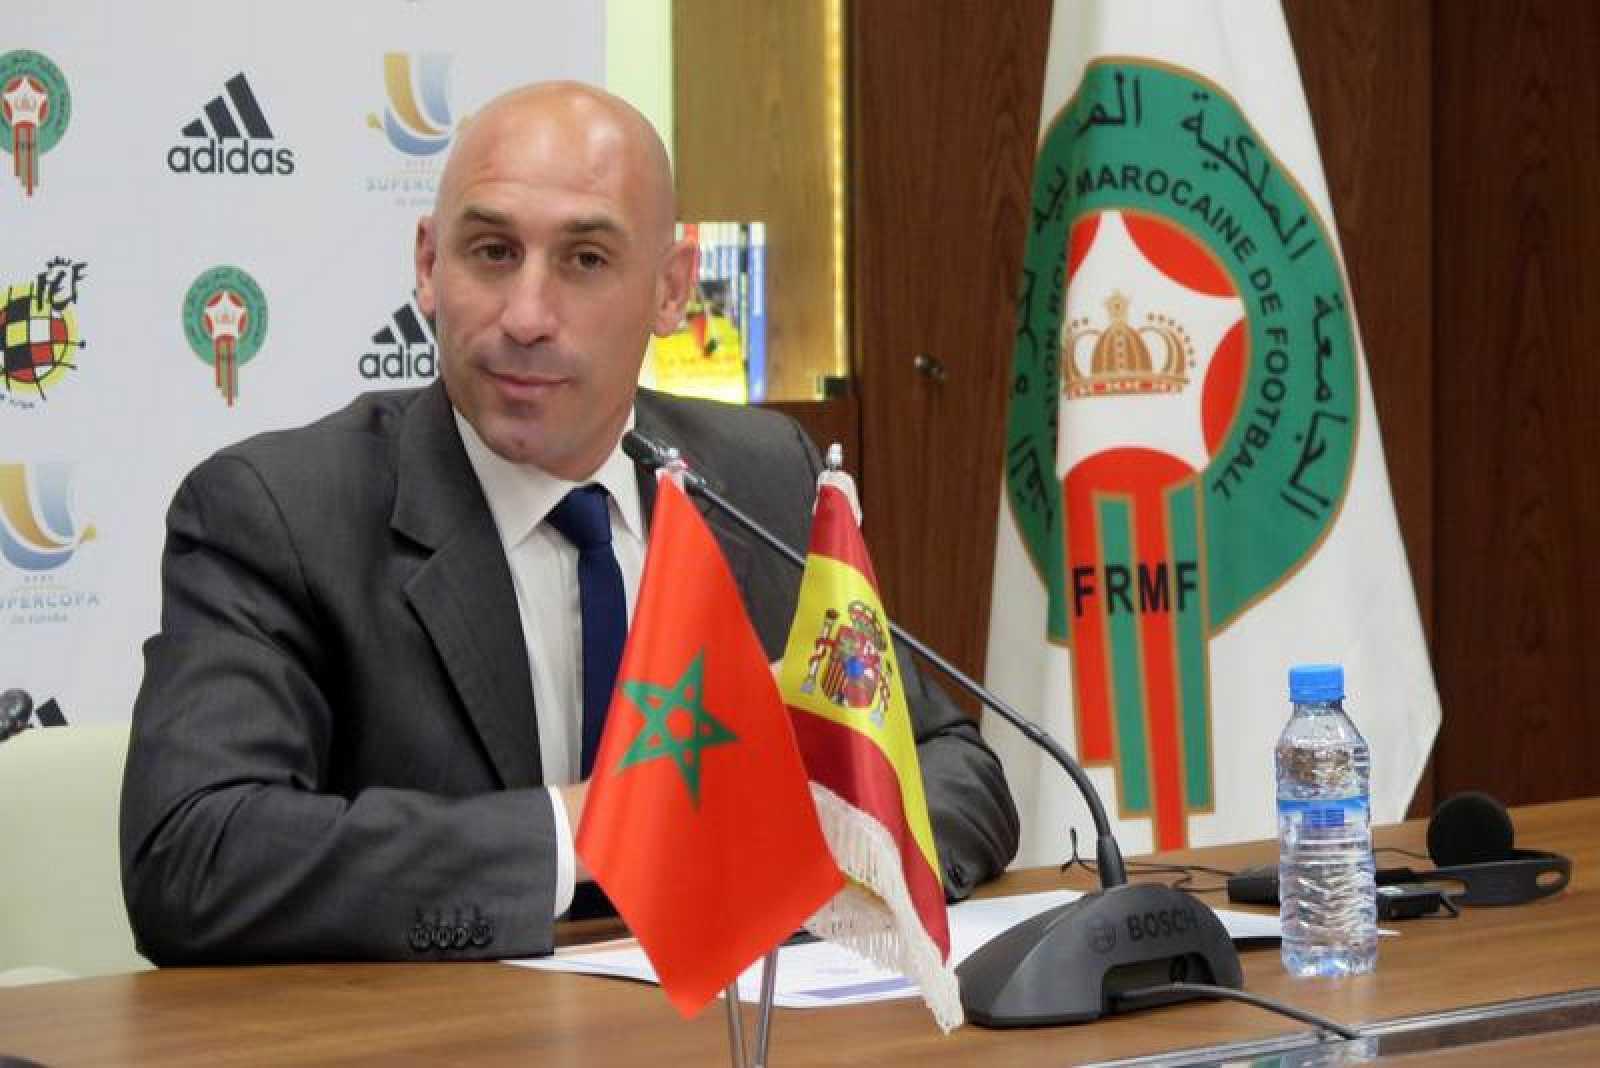 El presidente de la Real Federación Española de Fútbol, Luis Rubiales.